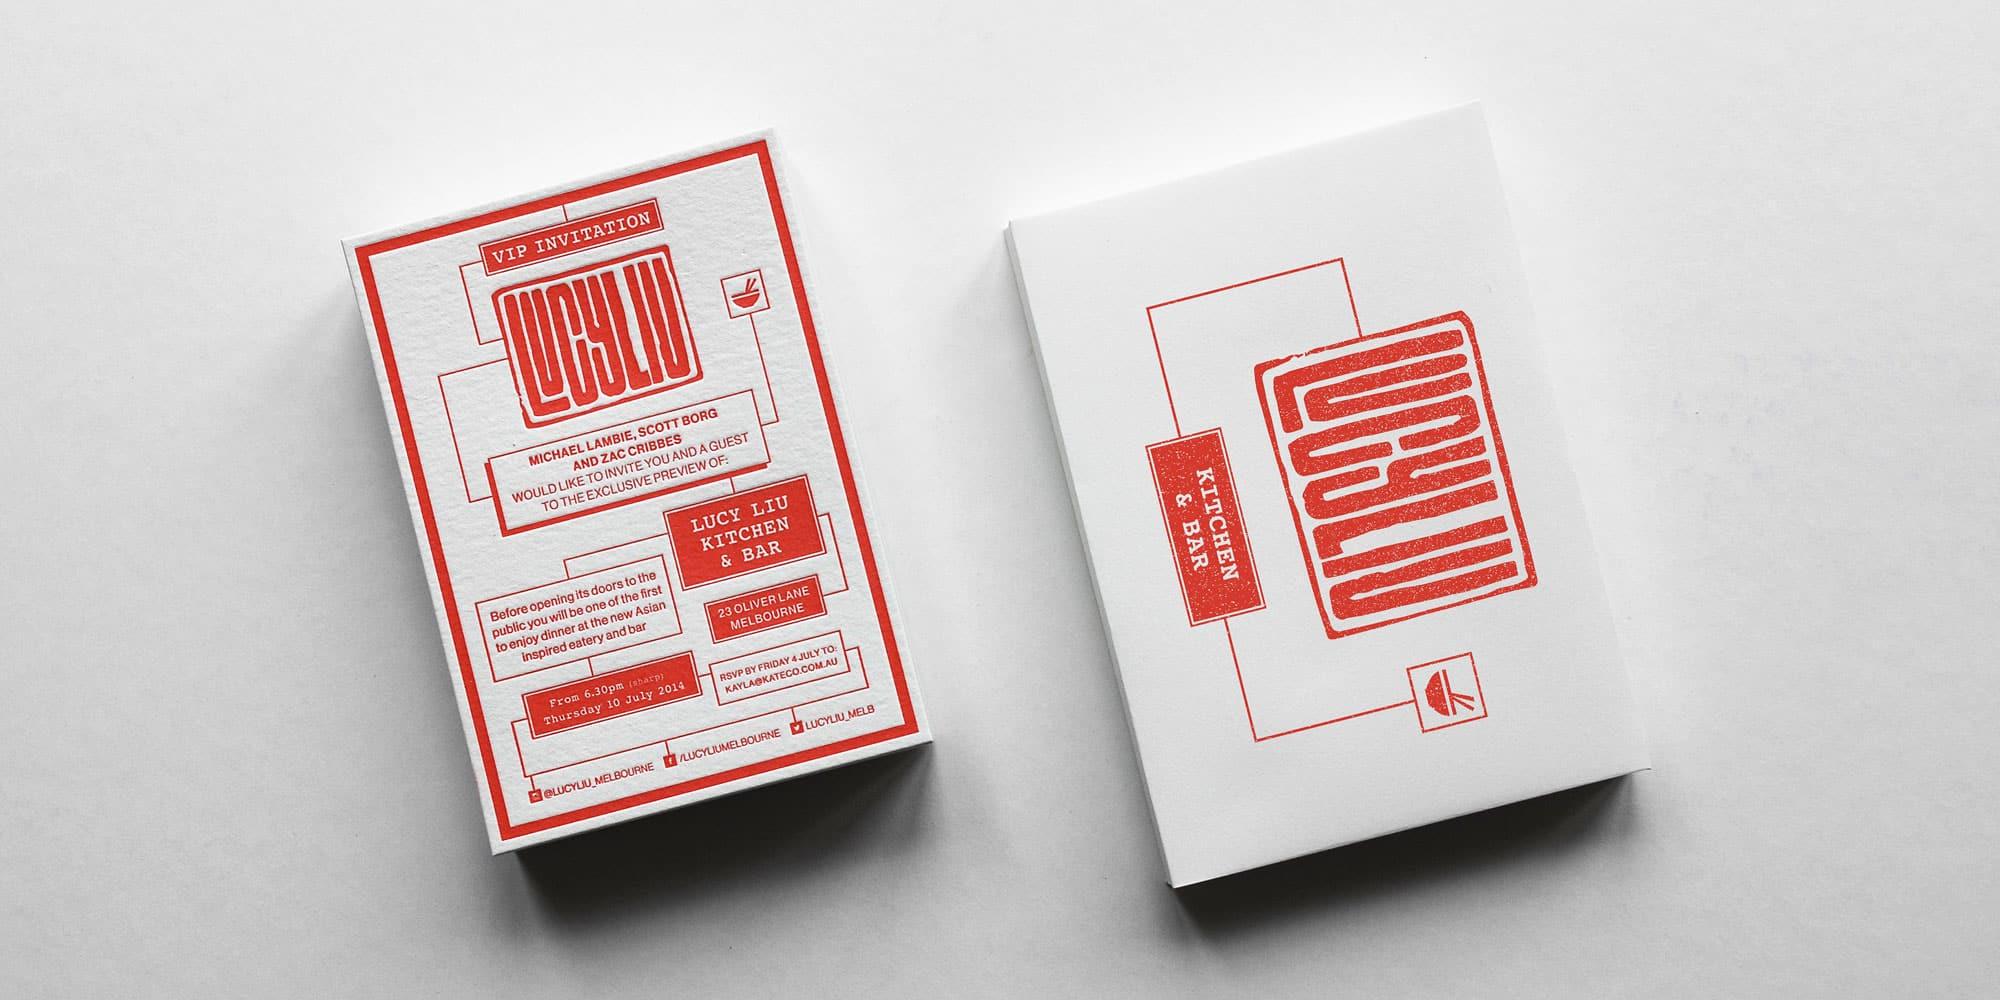 Lucy Liu - Letterpress Print Design